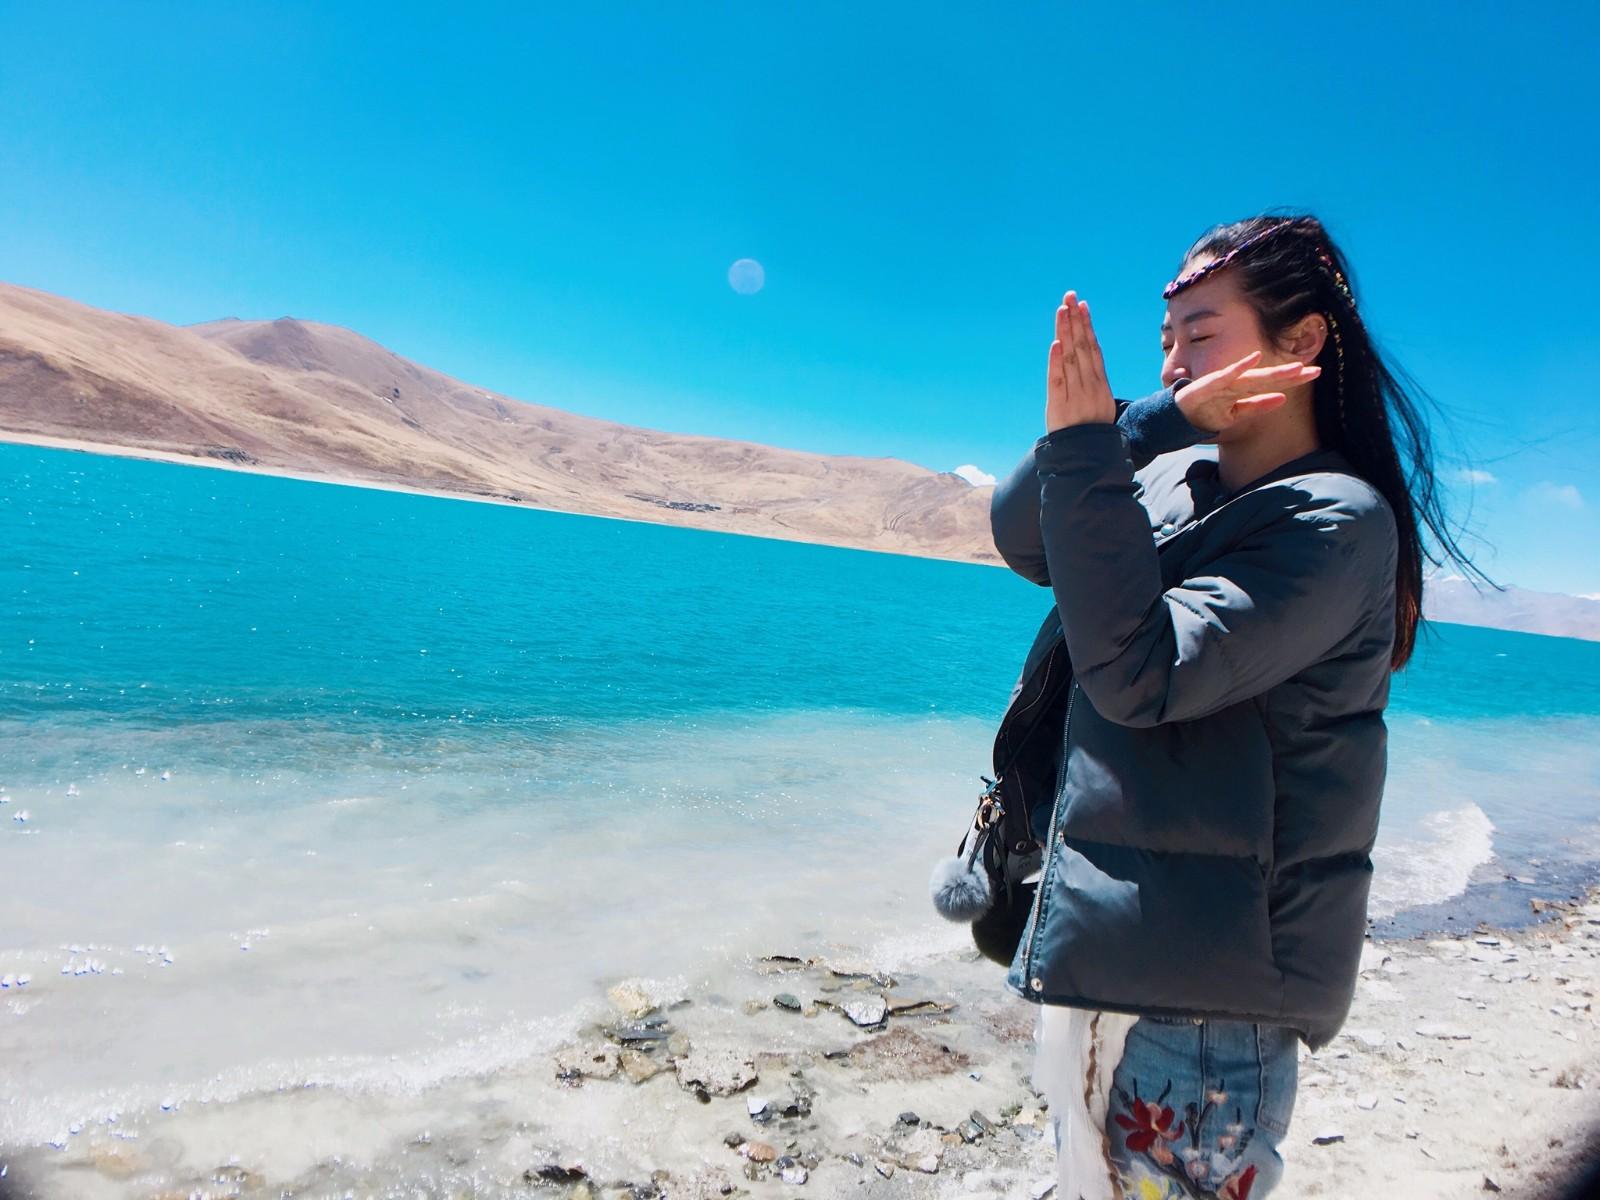 成都野路子植物俱乐部西藏到成都拼车v路子自驾僵尸大战5攻略9游记图片